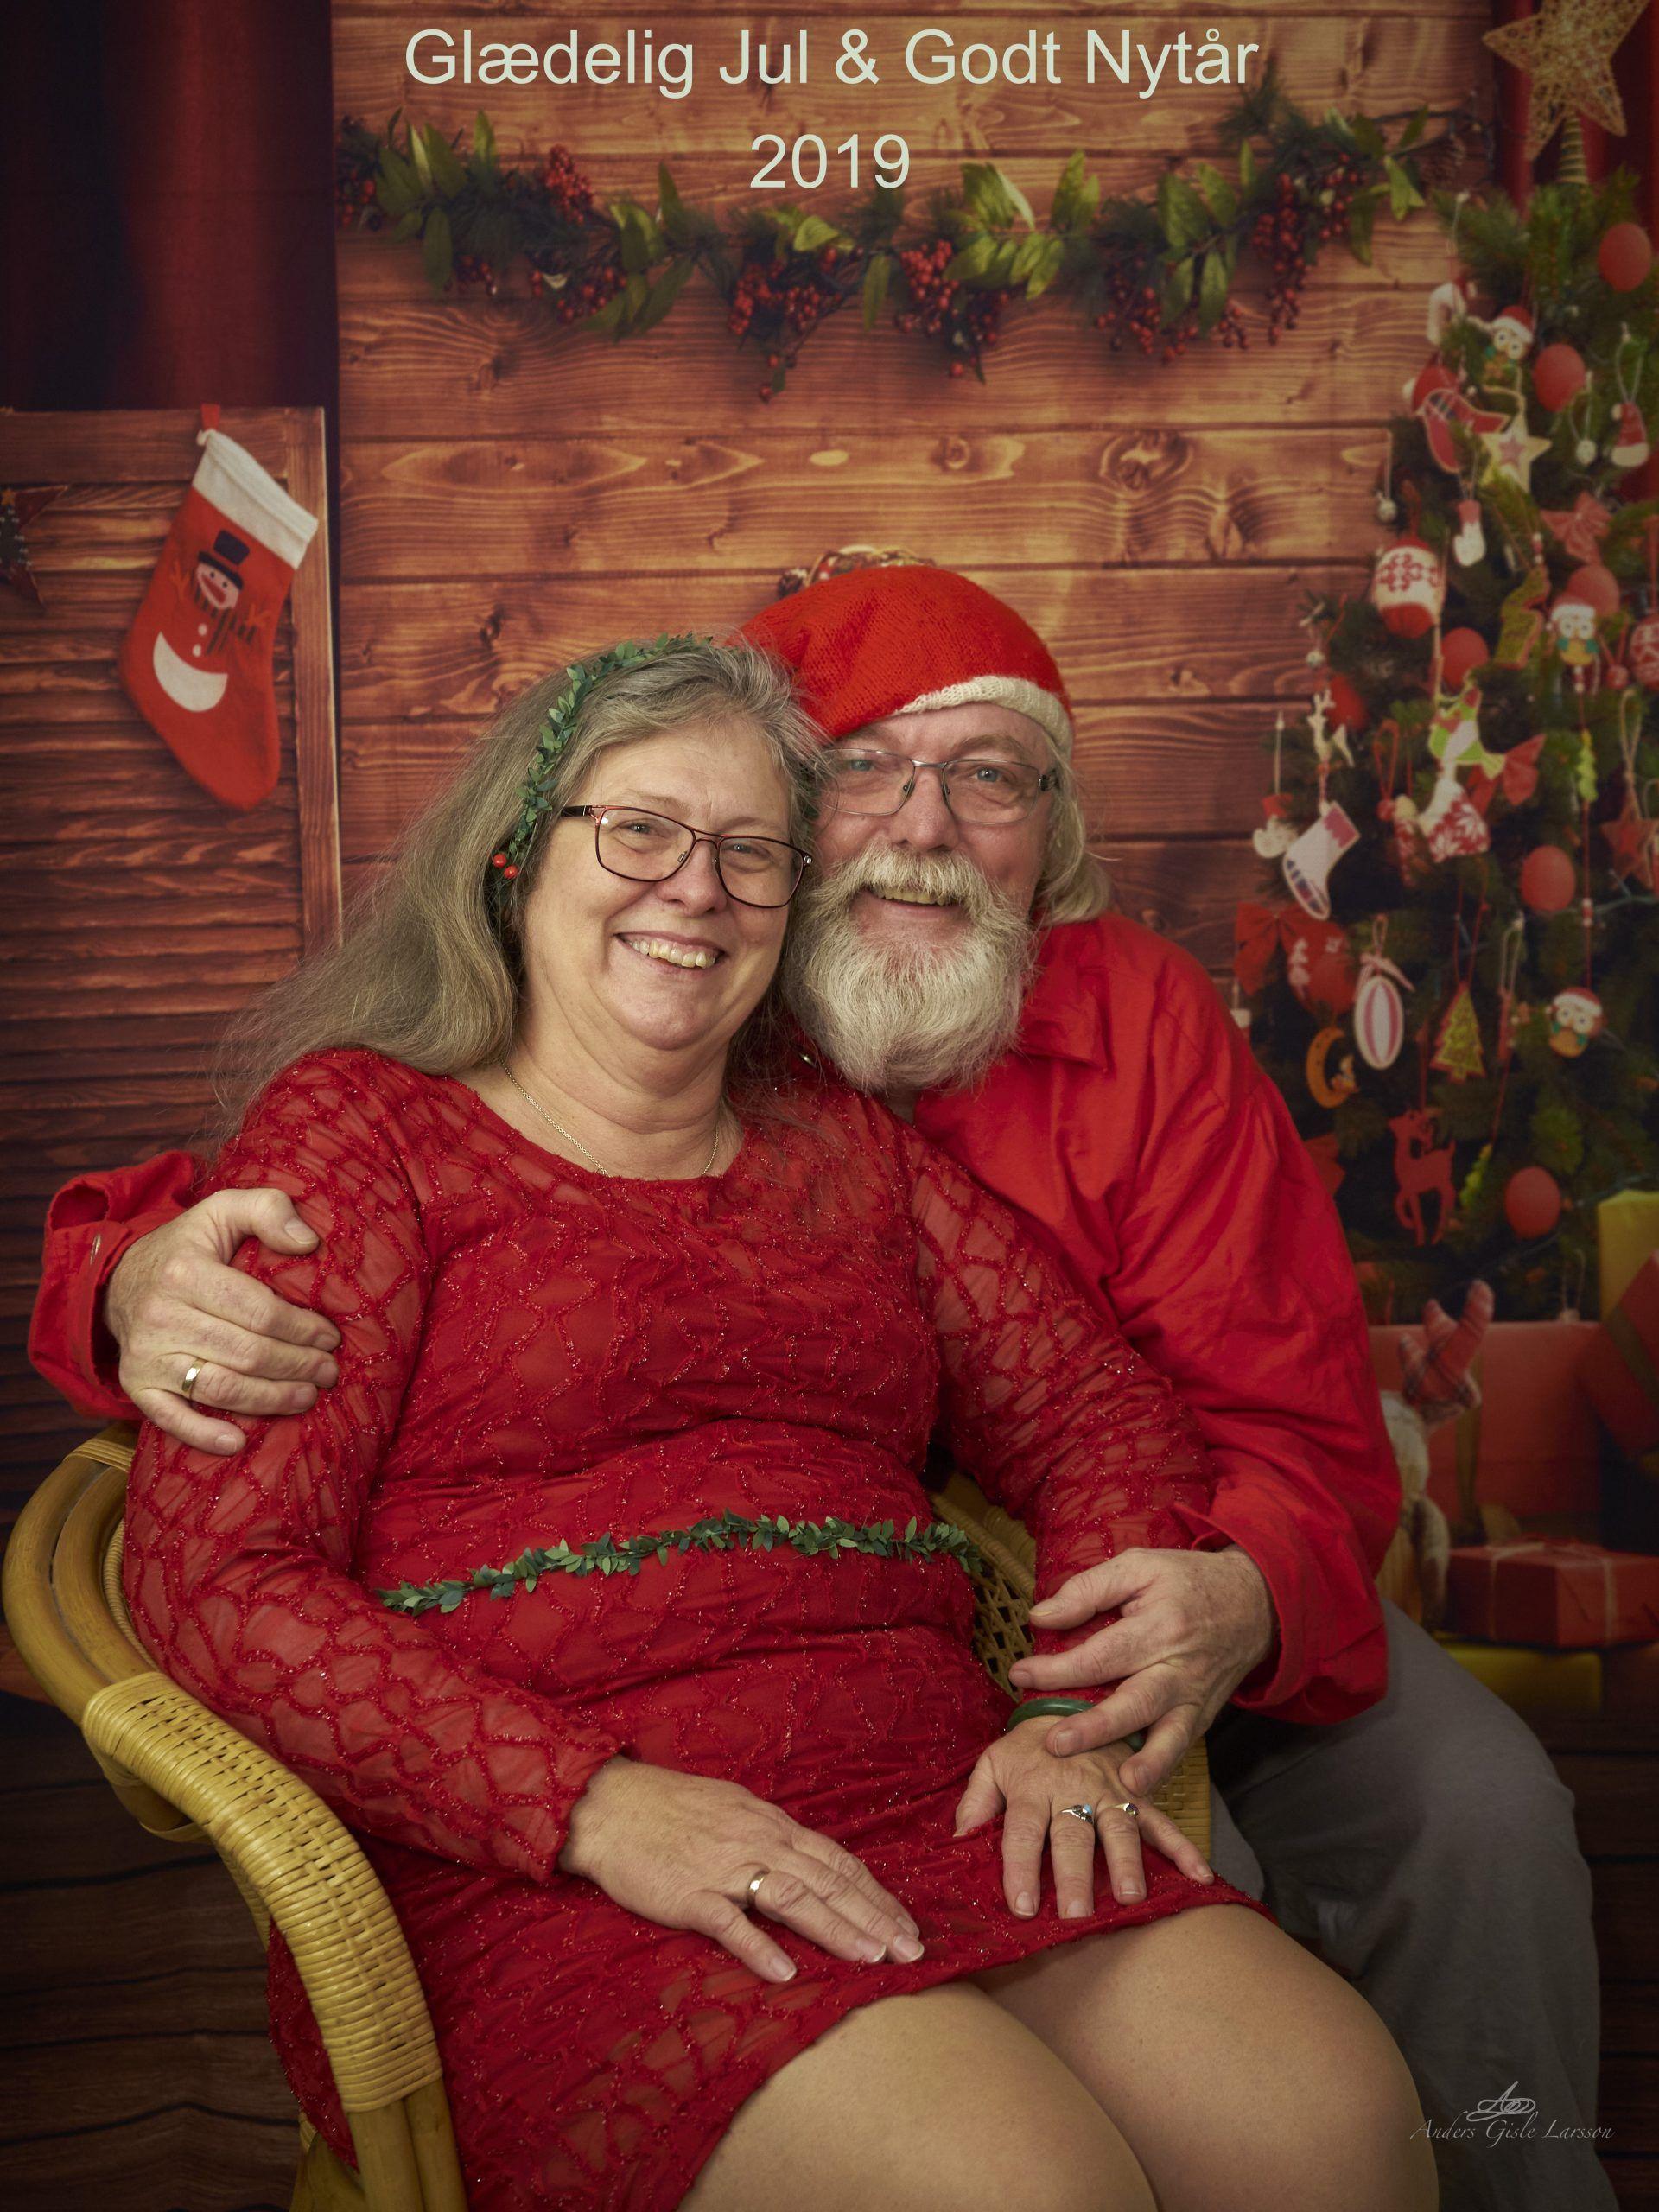 Glædelig Jul, Uge 51, Assentoft, Randers